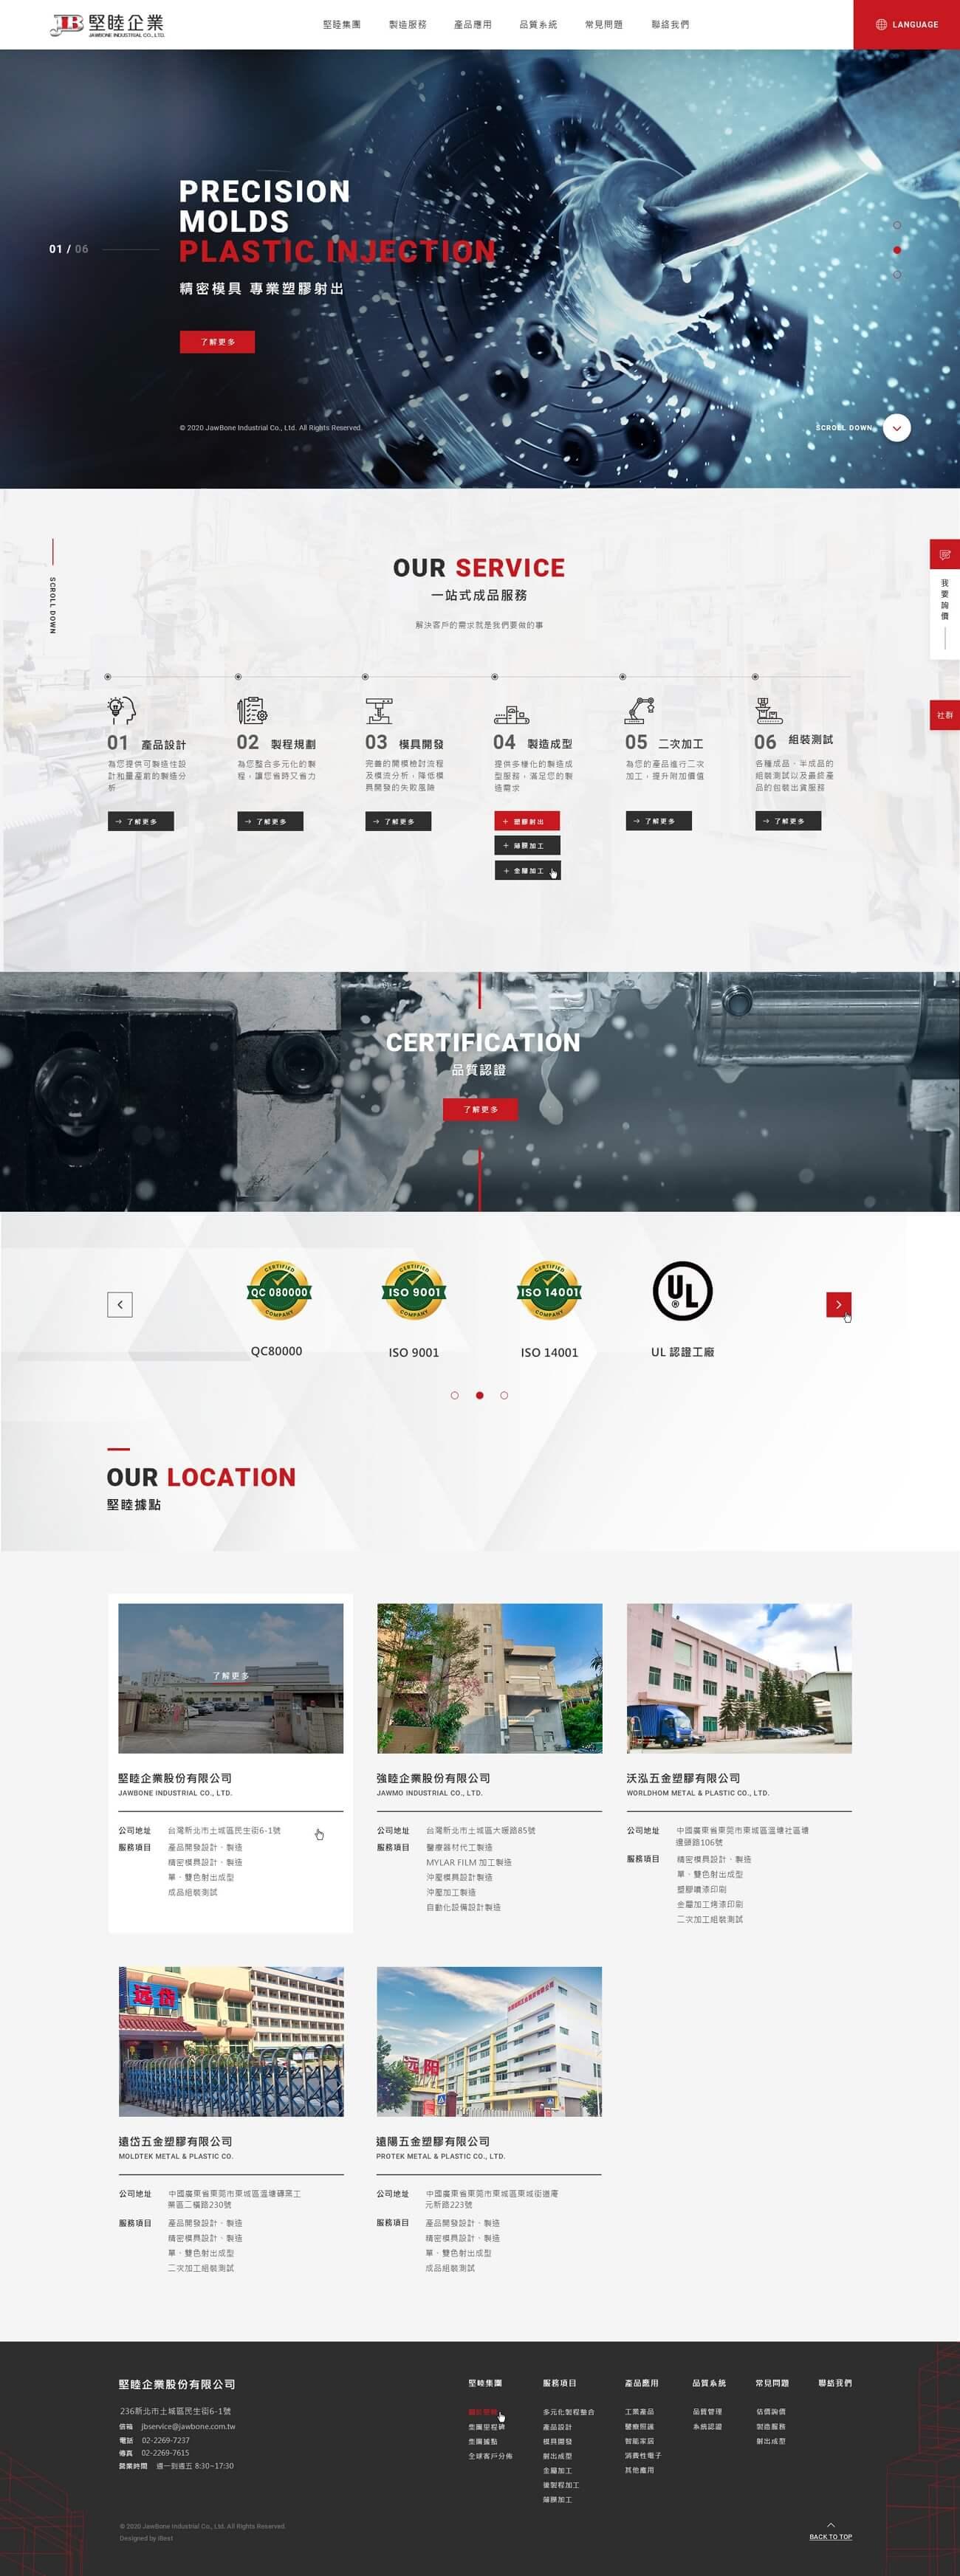 堅睦企業-網頁設計